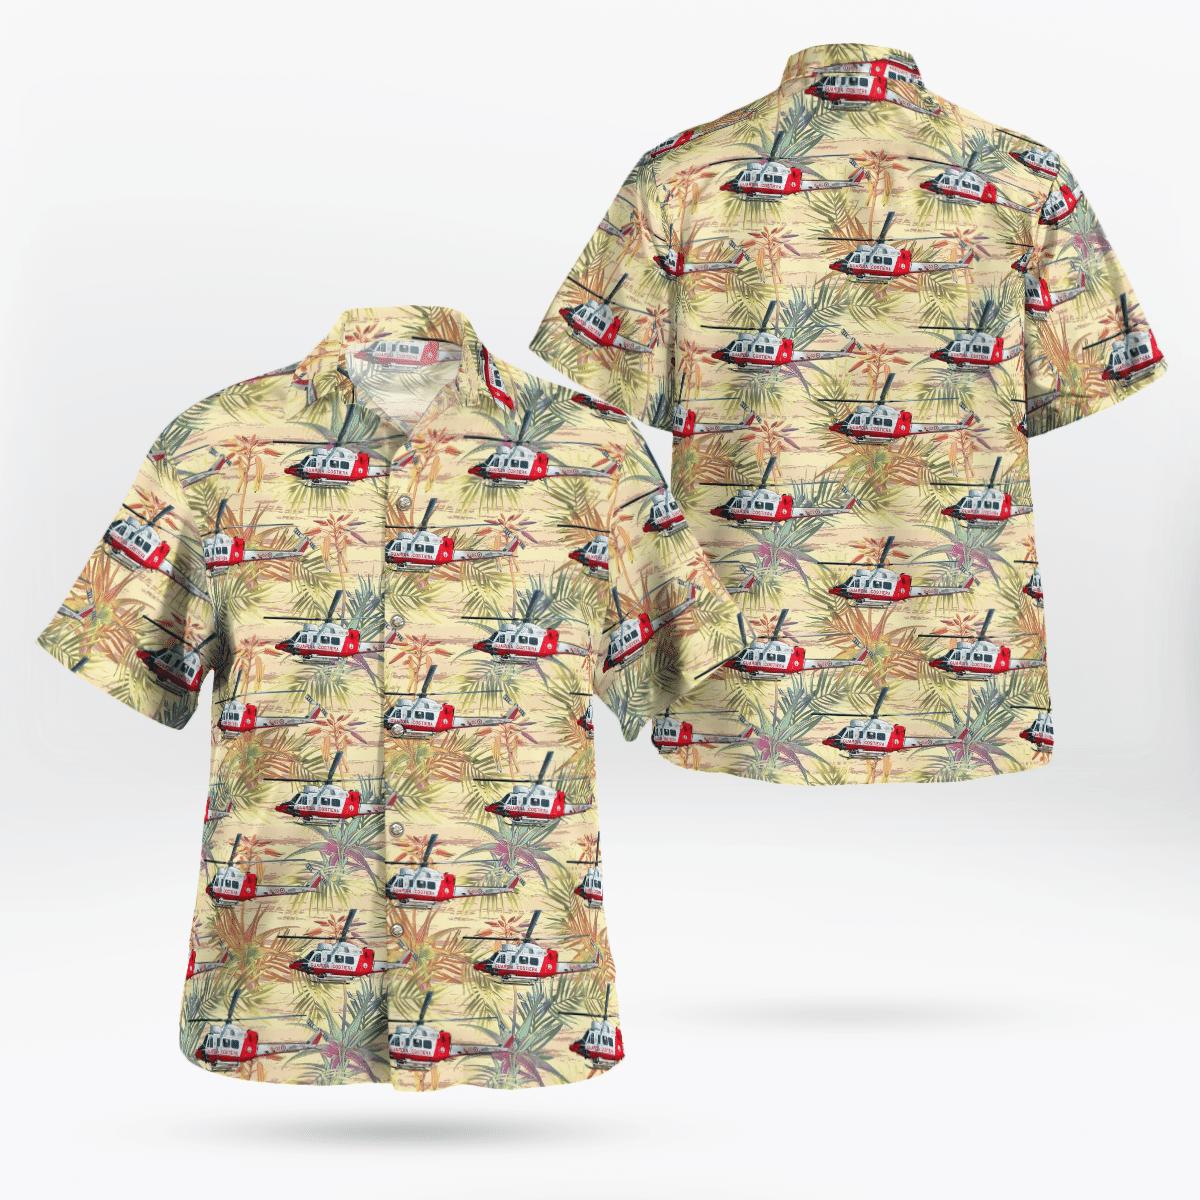 Servizio Aereo della Guardia Costiera Agusta Hawaiian shirt